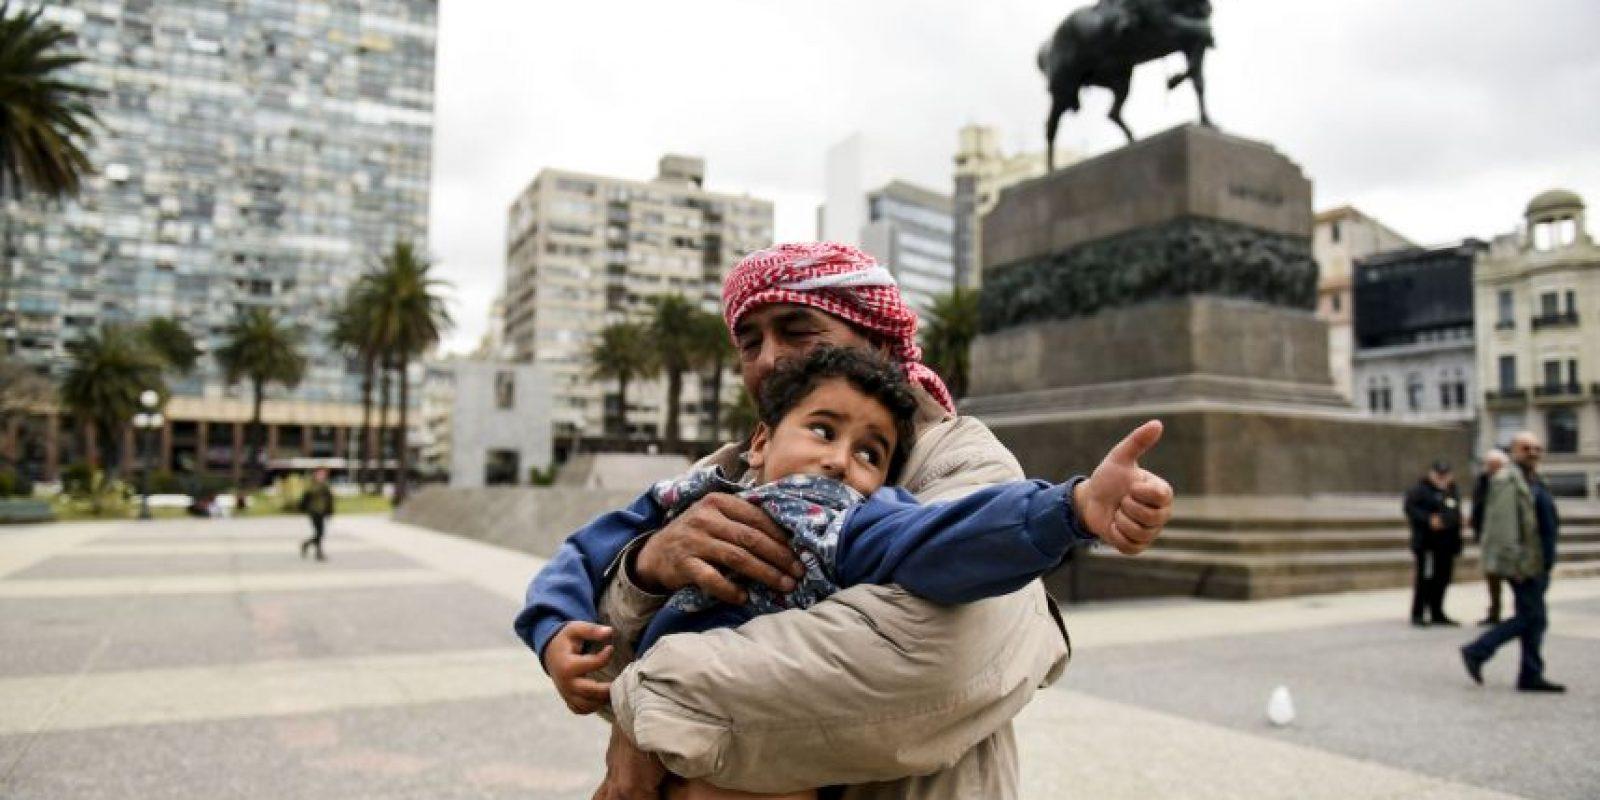 Los refugiados han mantenido encuentros con representantes del gobierno de Uruguay, con quienes han tratado el asunto de su salida. Foto:AP